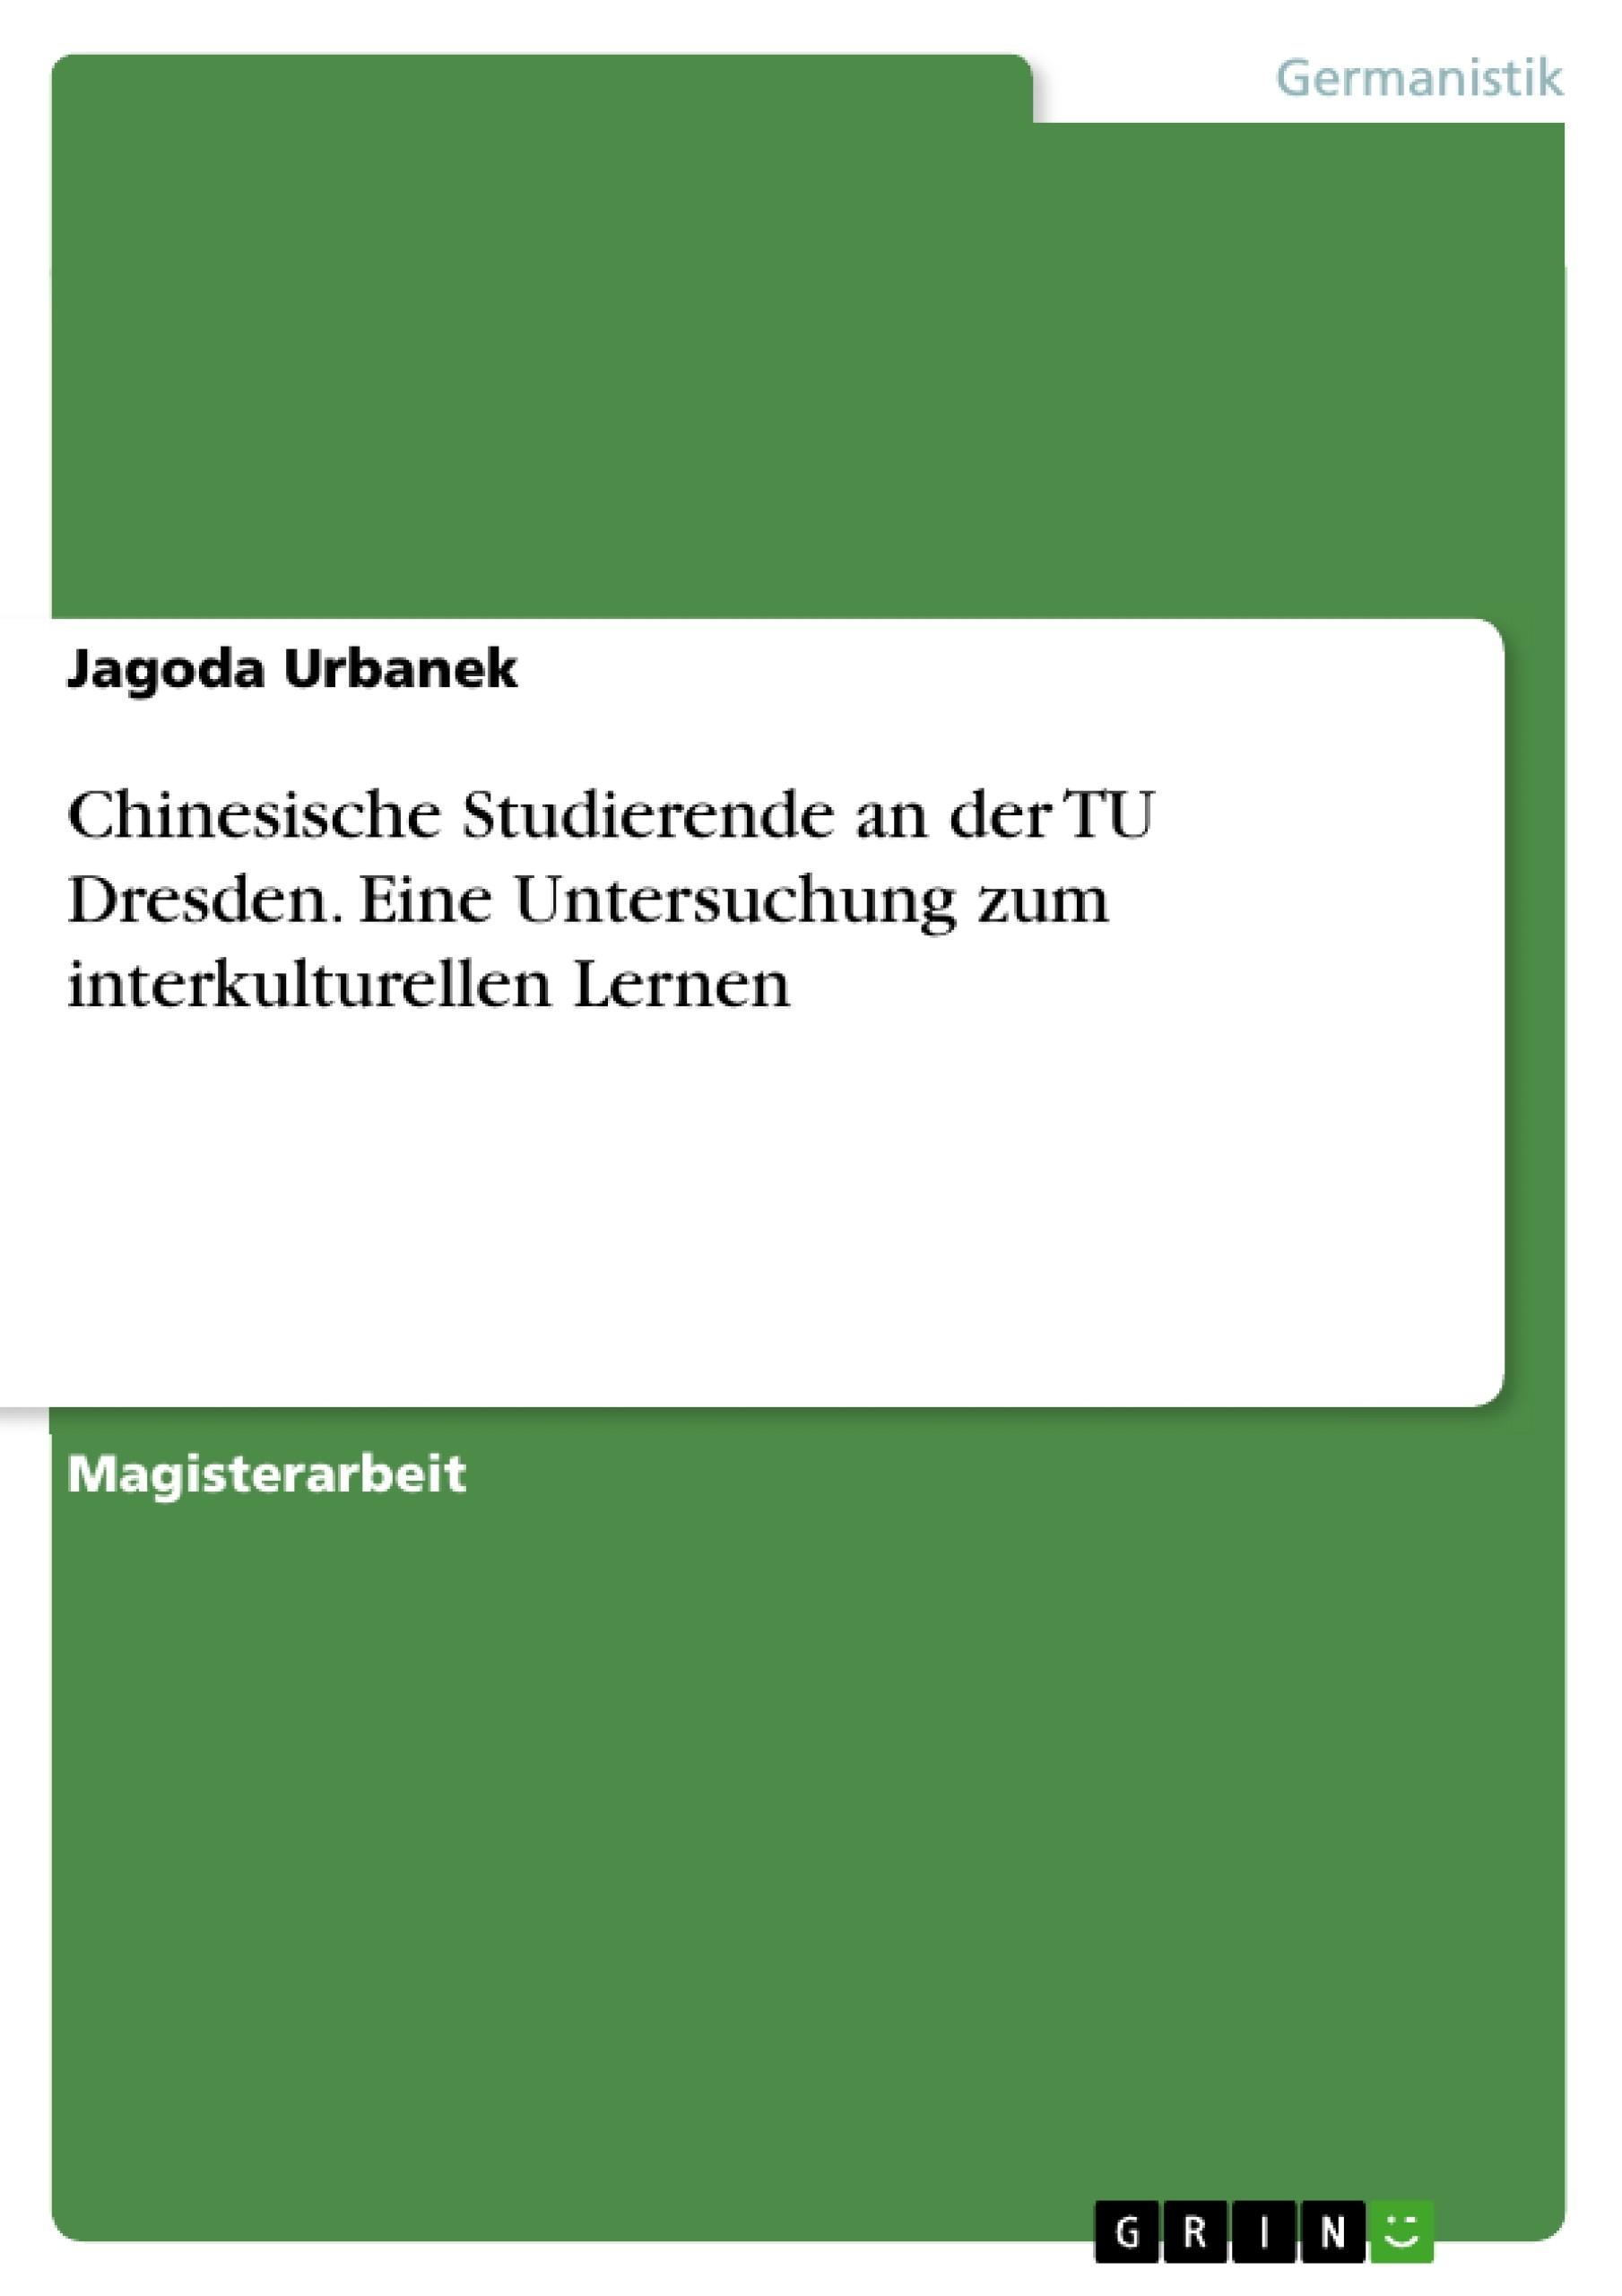 Titel: Chinesische Studierende an der TU Dresden. Eine Untersuchung zum interkulturellen Lernen